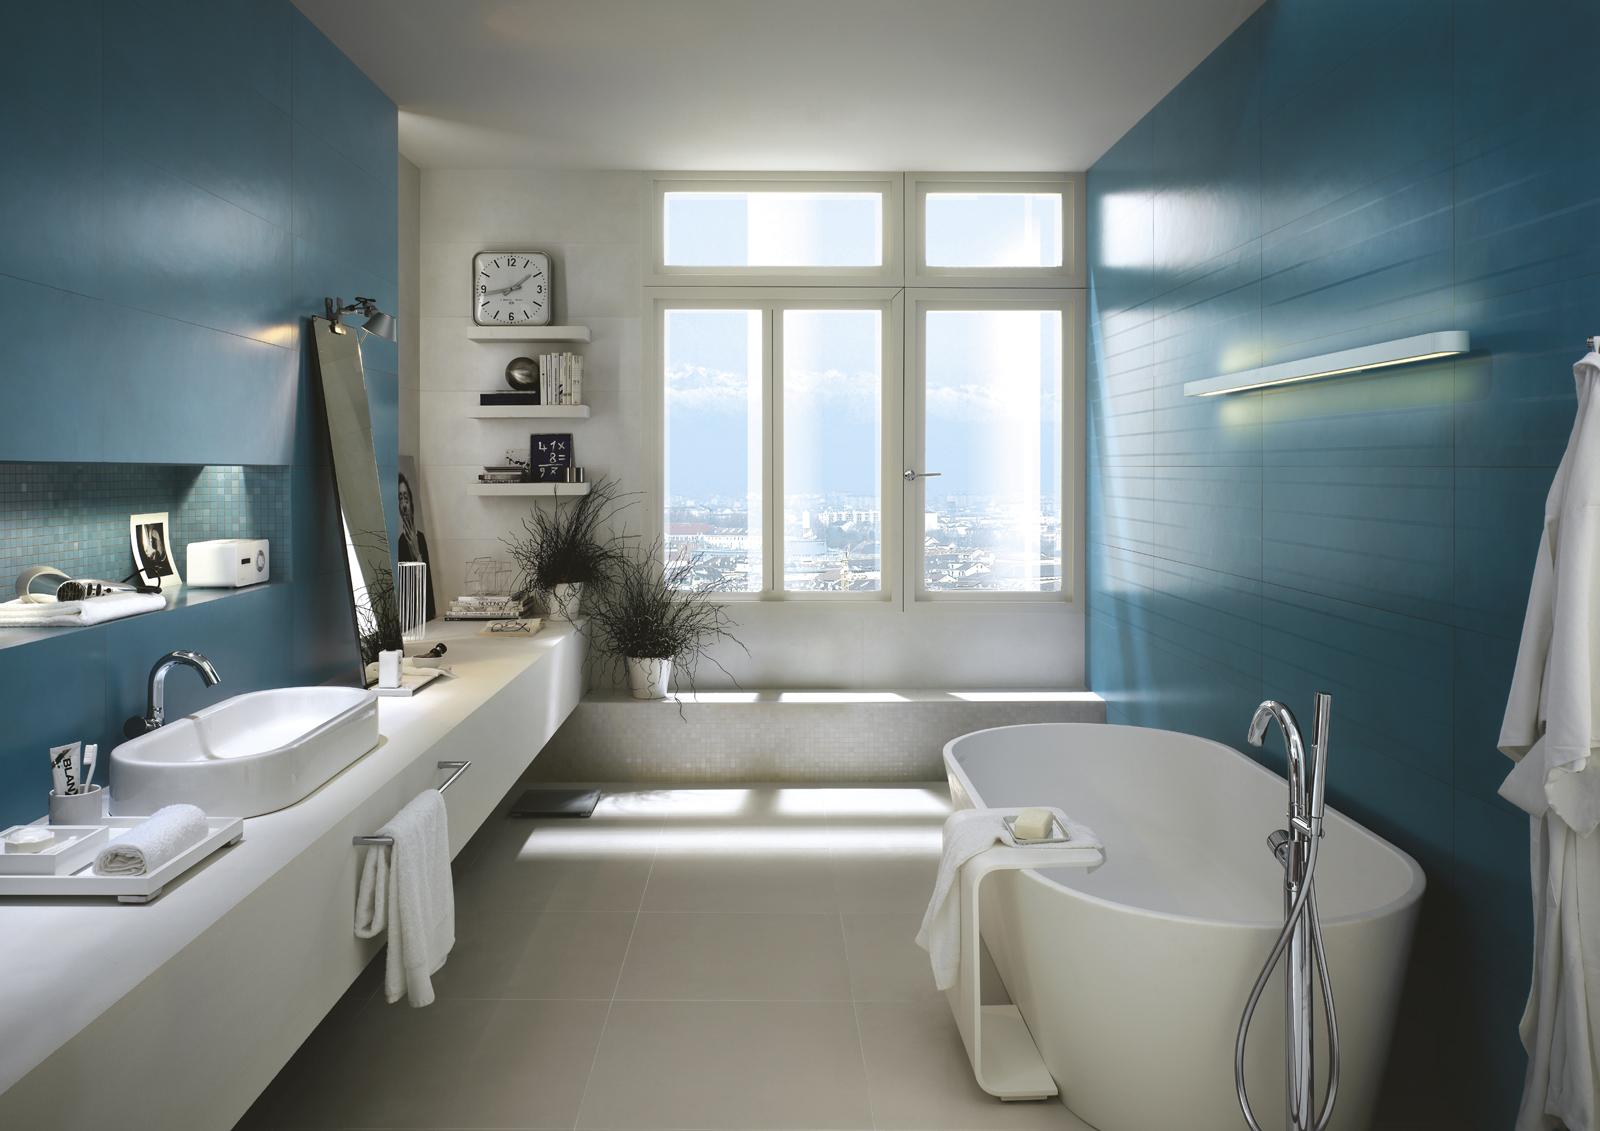 Piastrelle Azzurro: guarda le collezioni - Marazzi 2376